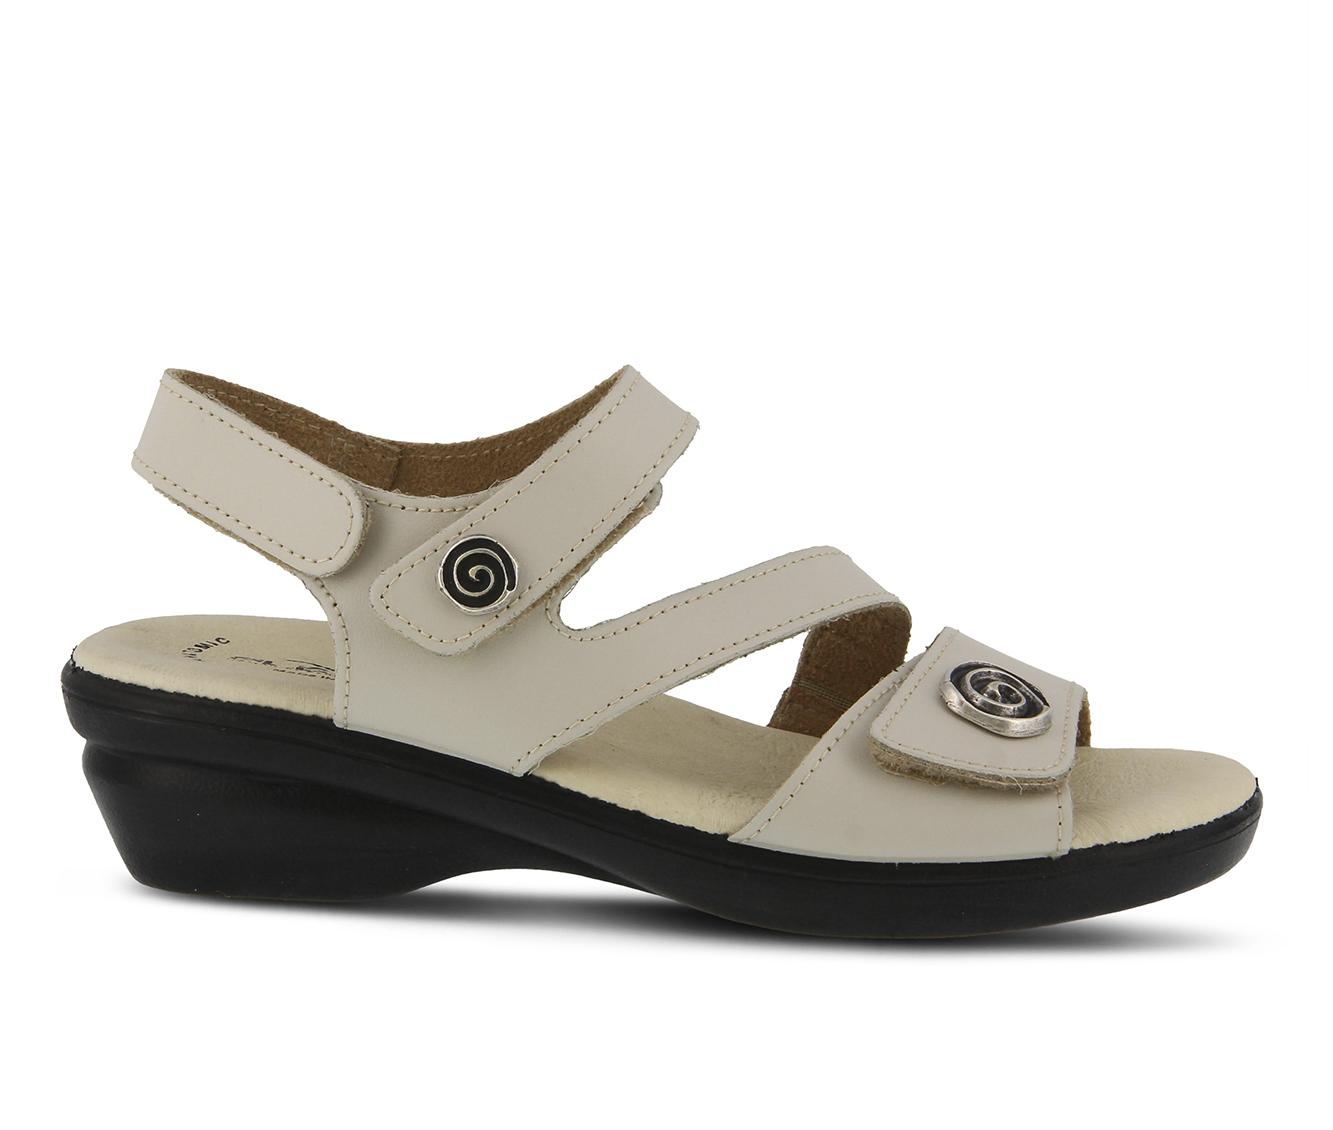 Flexus Safa Women's Sandal (White Leather)